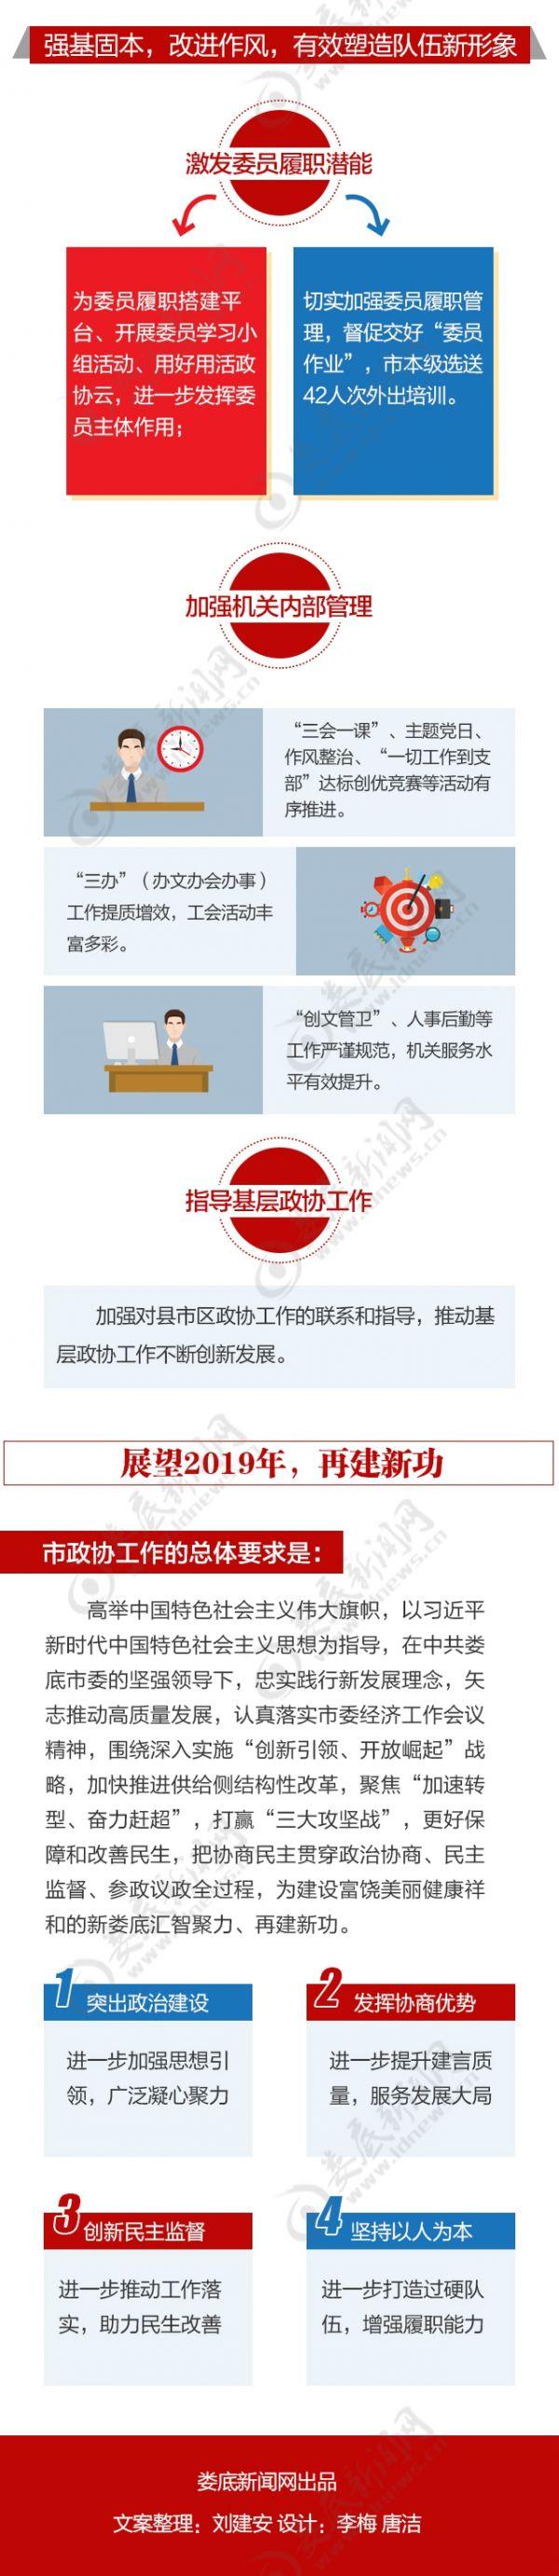 政协工作报告水印版_副本5